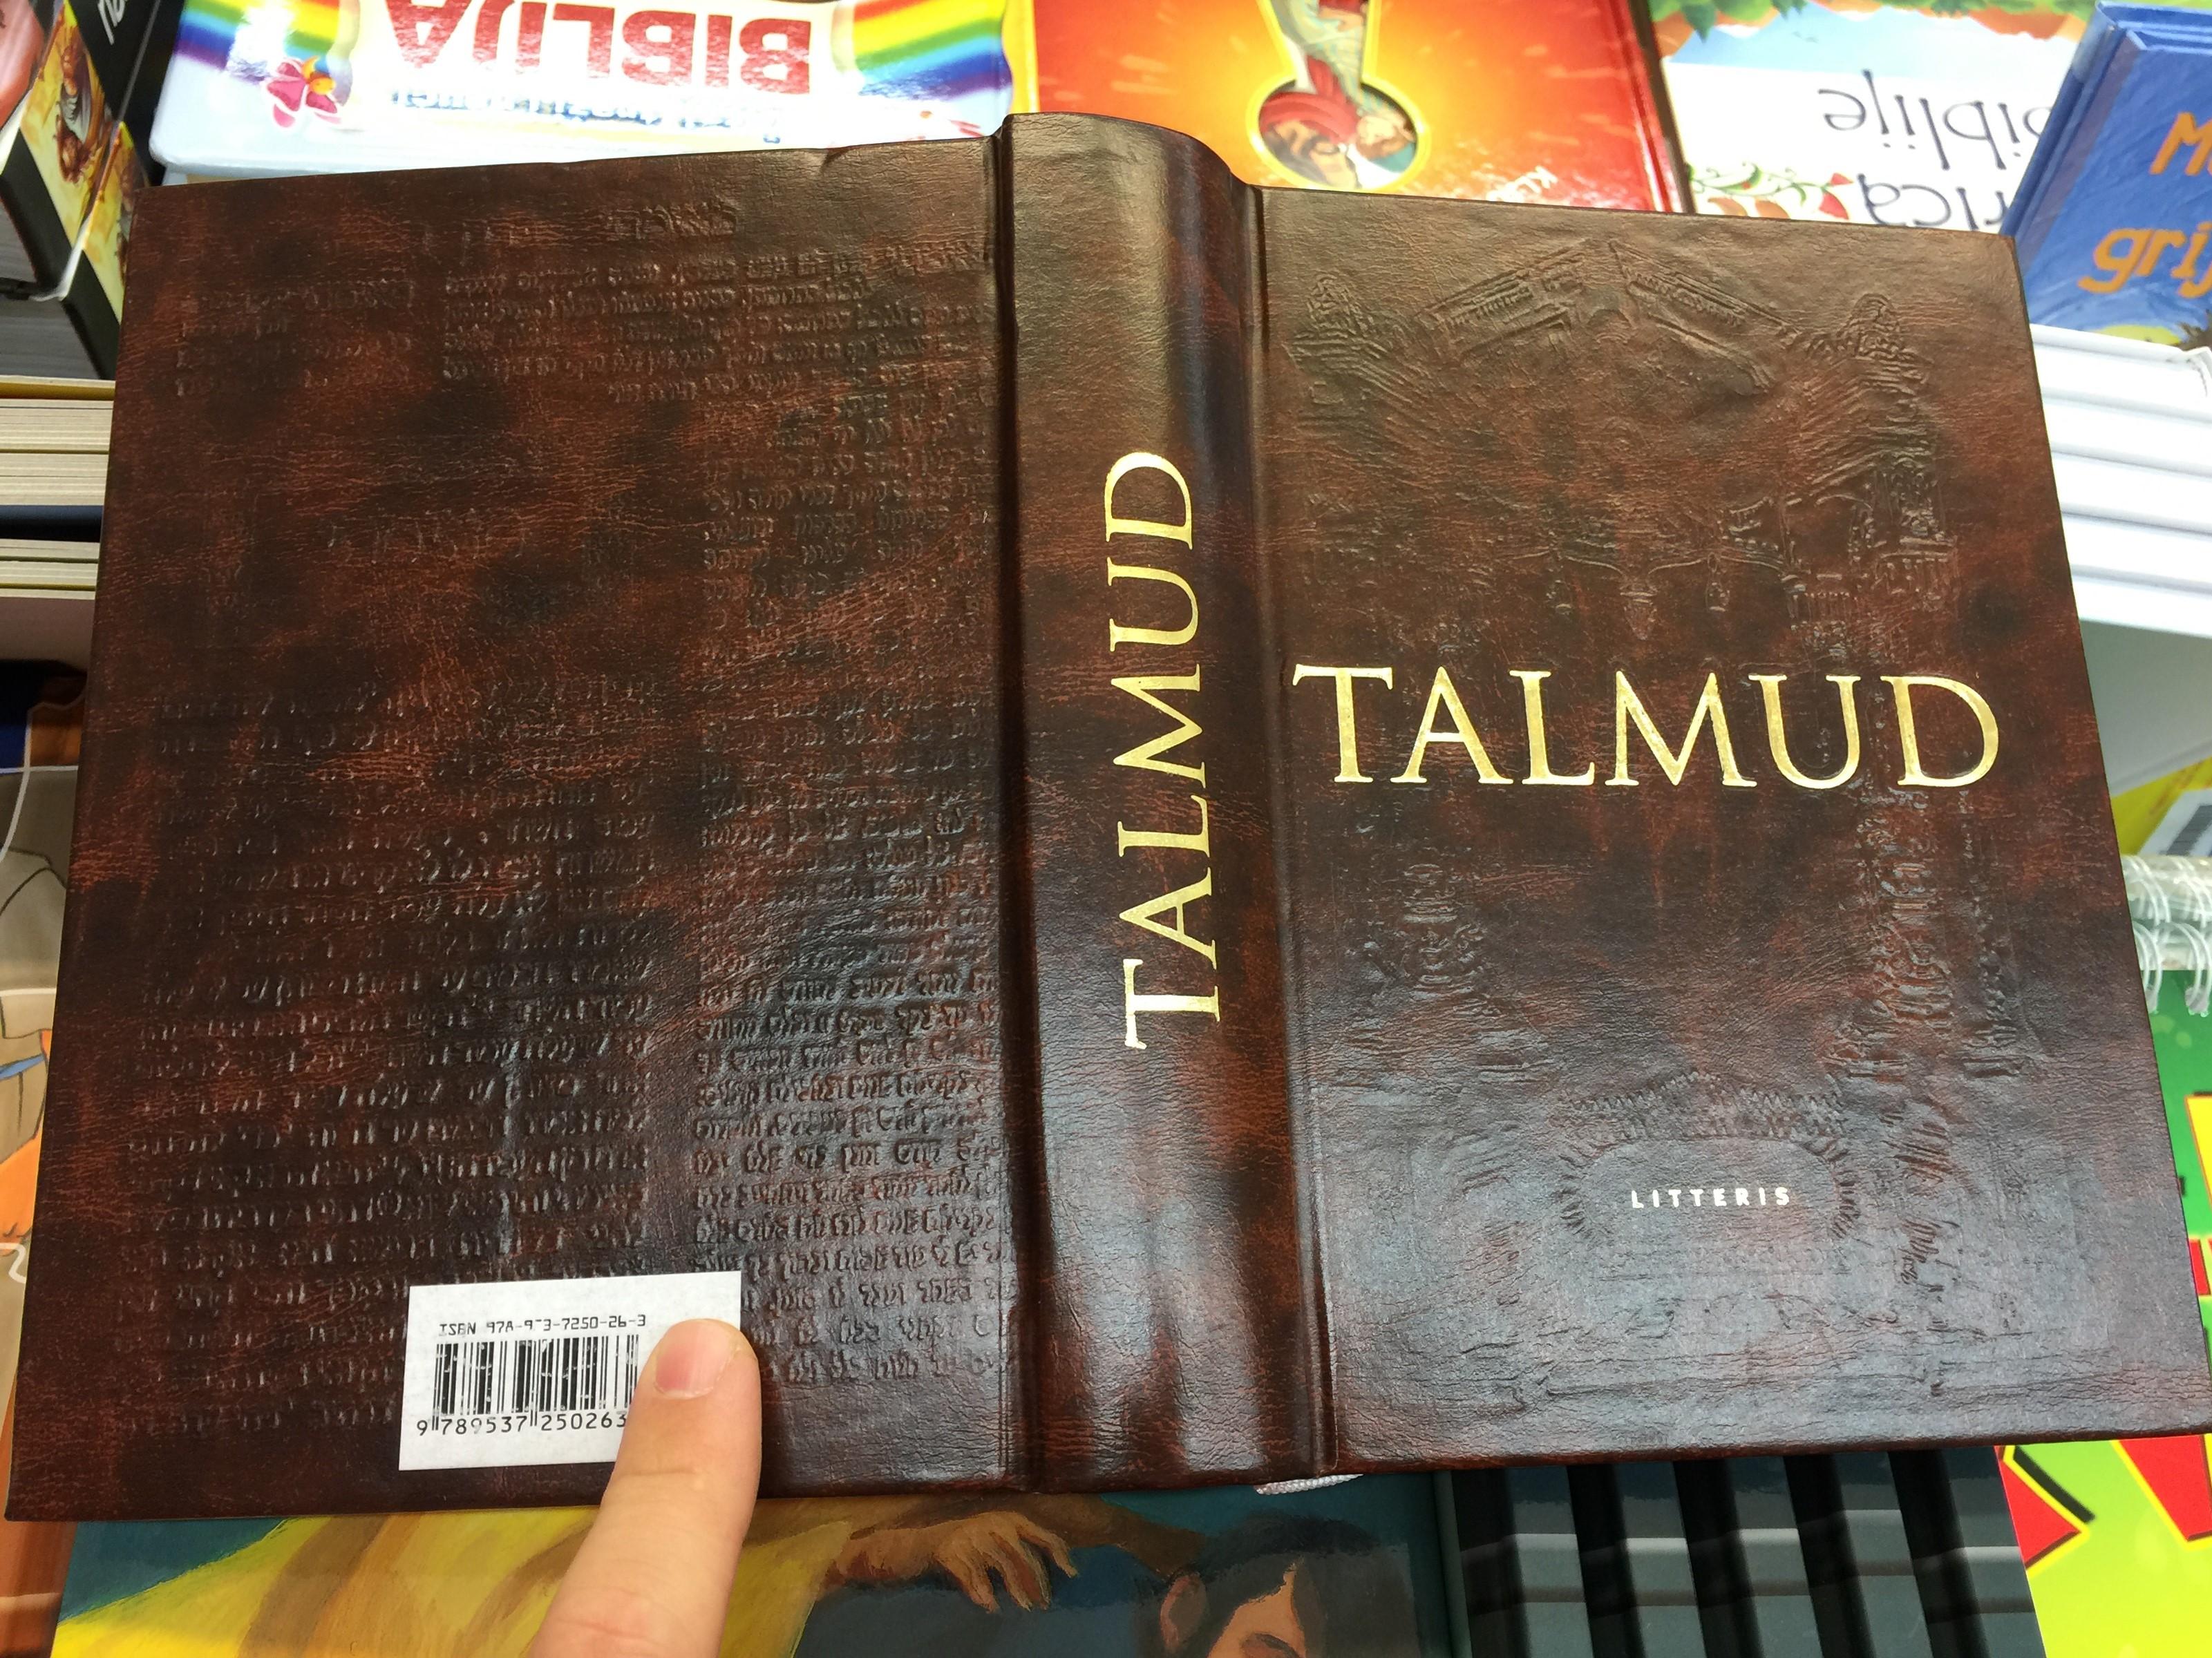 talmud-by-eugen-werber-izbor-i-prijevod-tekstova-s-hebrejskoga-i-aramejskoga-4.jpg